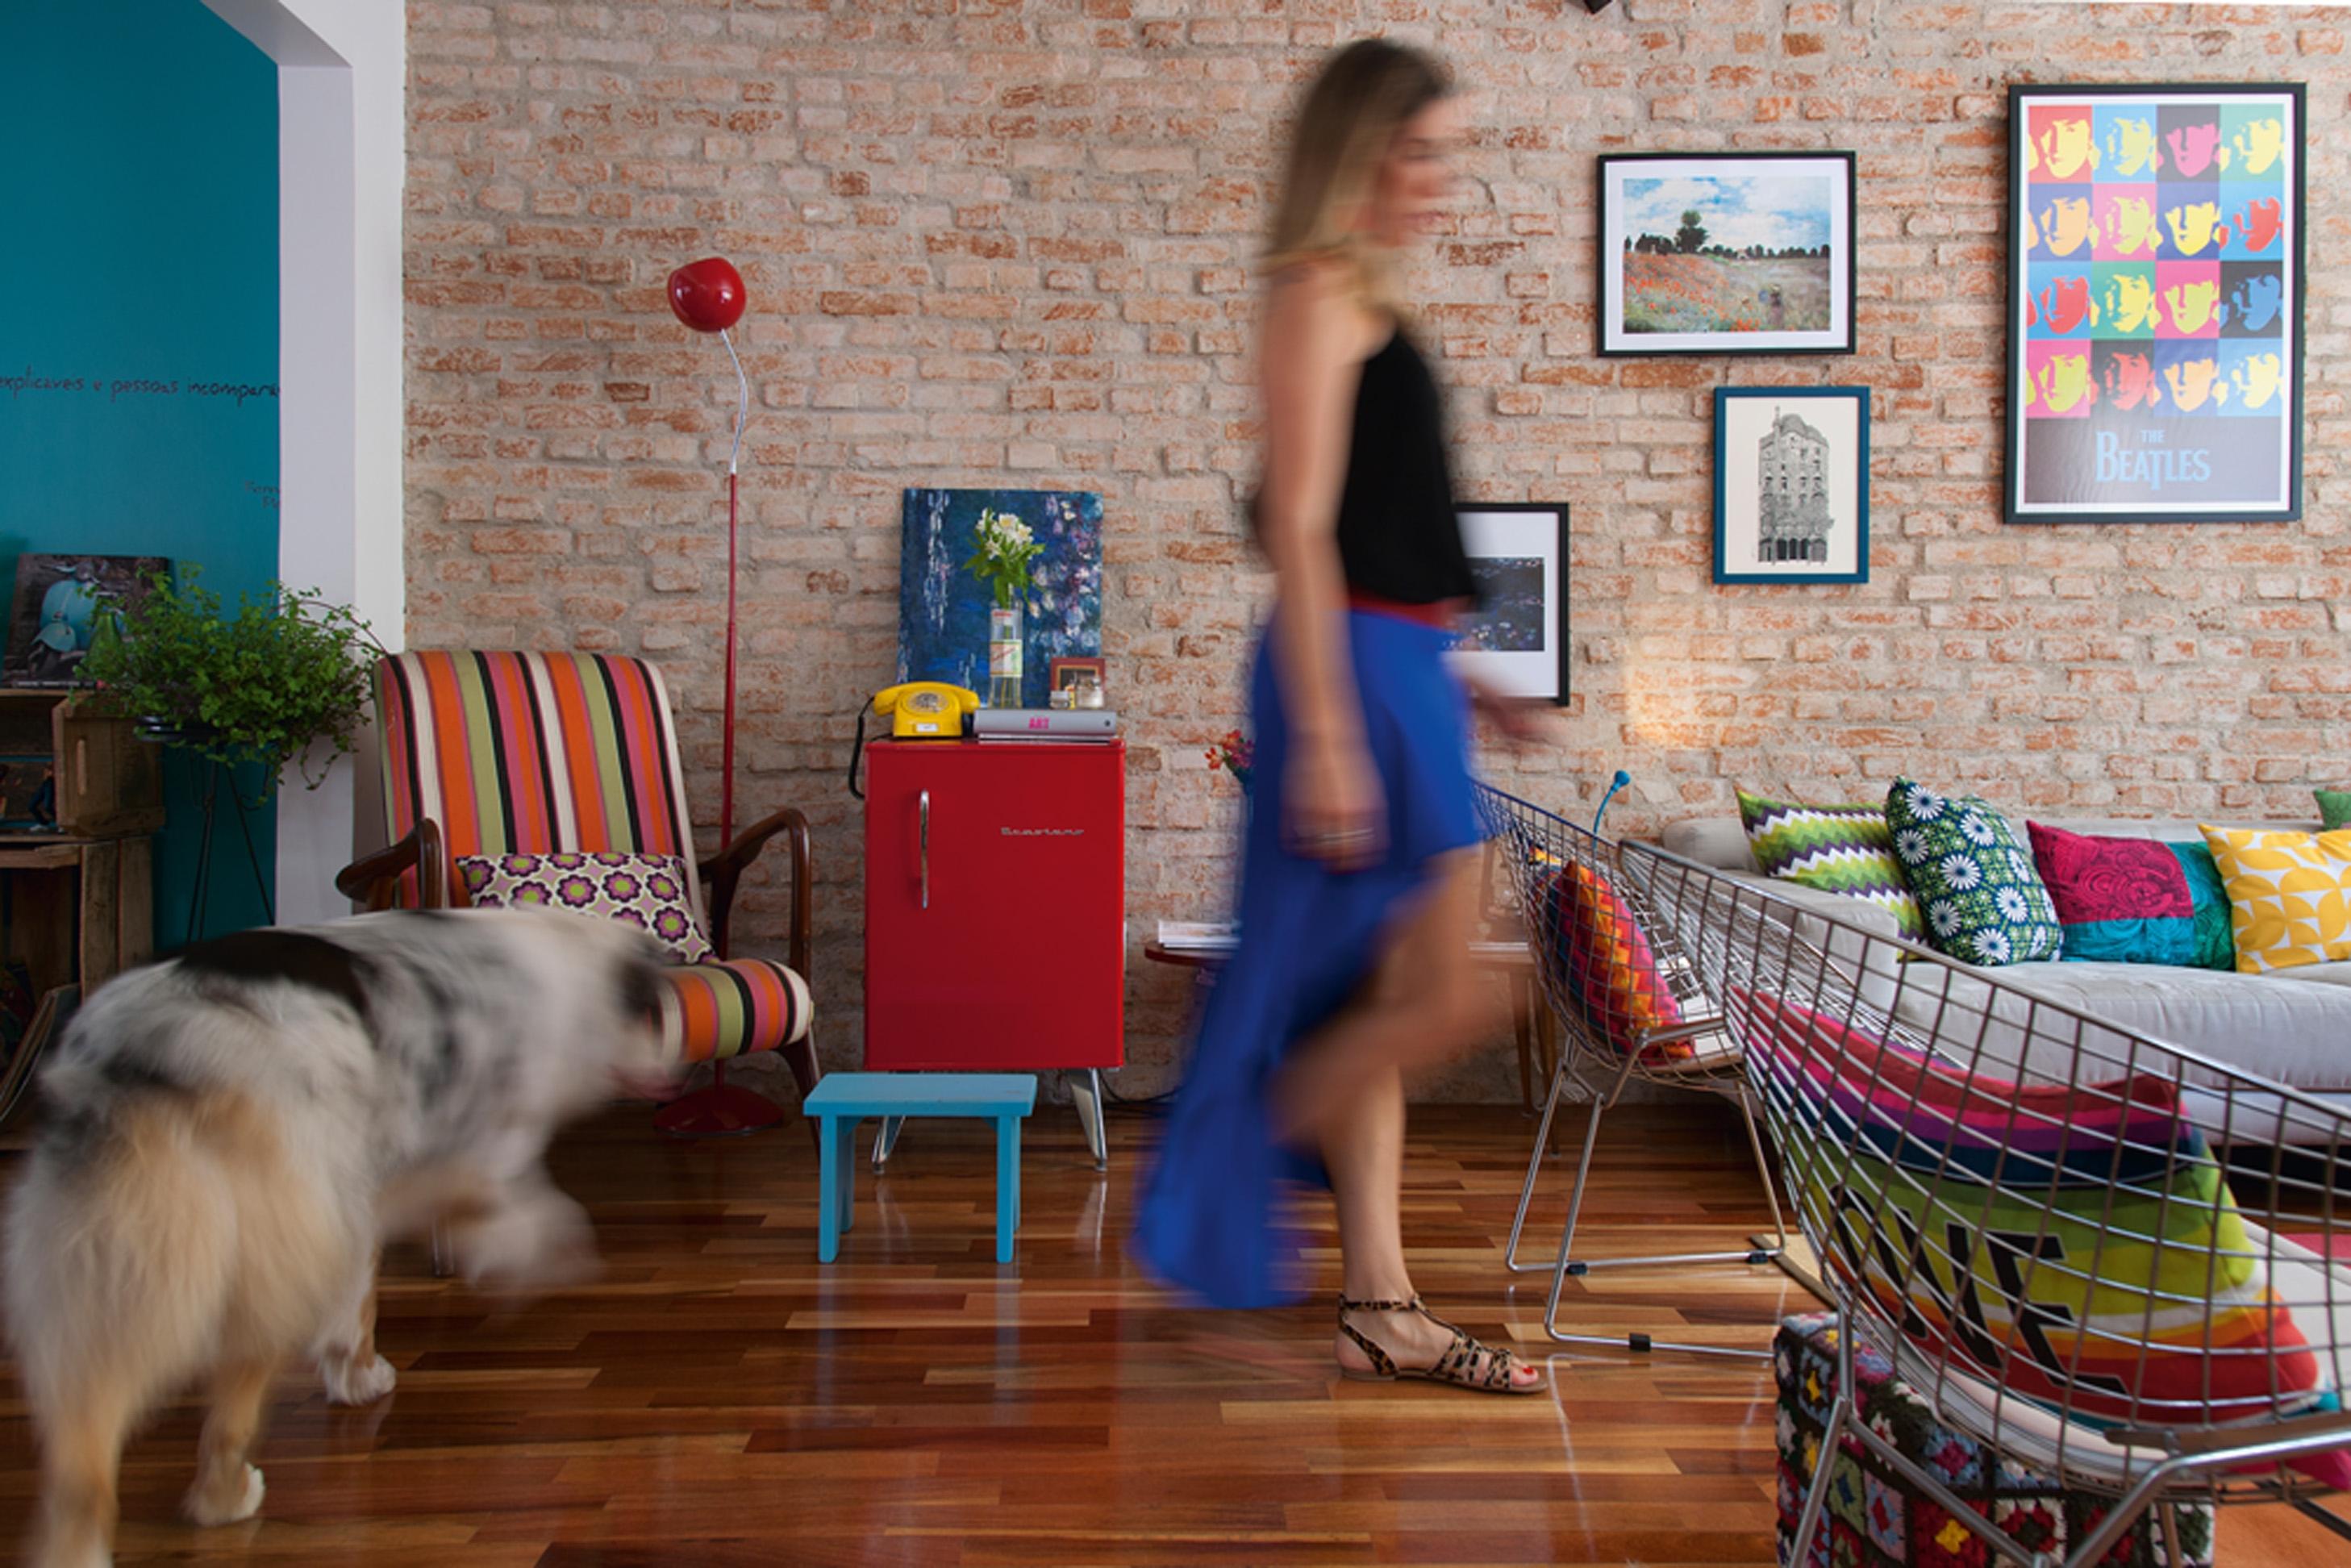 Restauração: O piso era cerâmico e foi substituído por tacos de Ipê. Poltrona listrada Desmobília, sofá e banquinho azul da Tok&Stok e poltronas de arame Etna